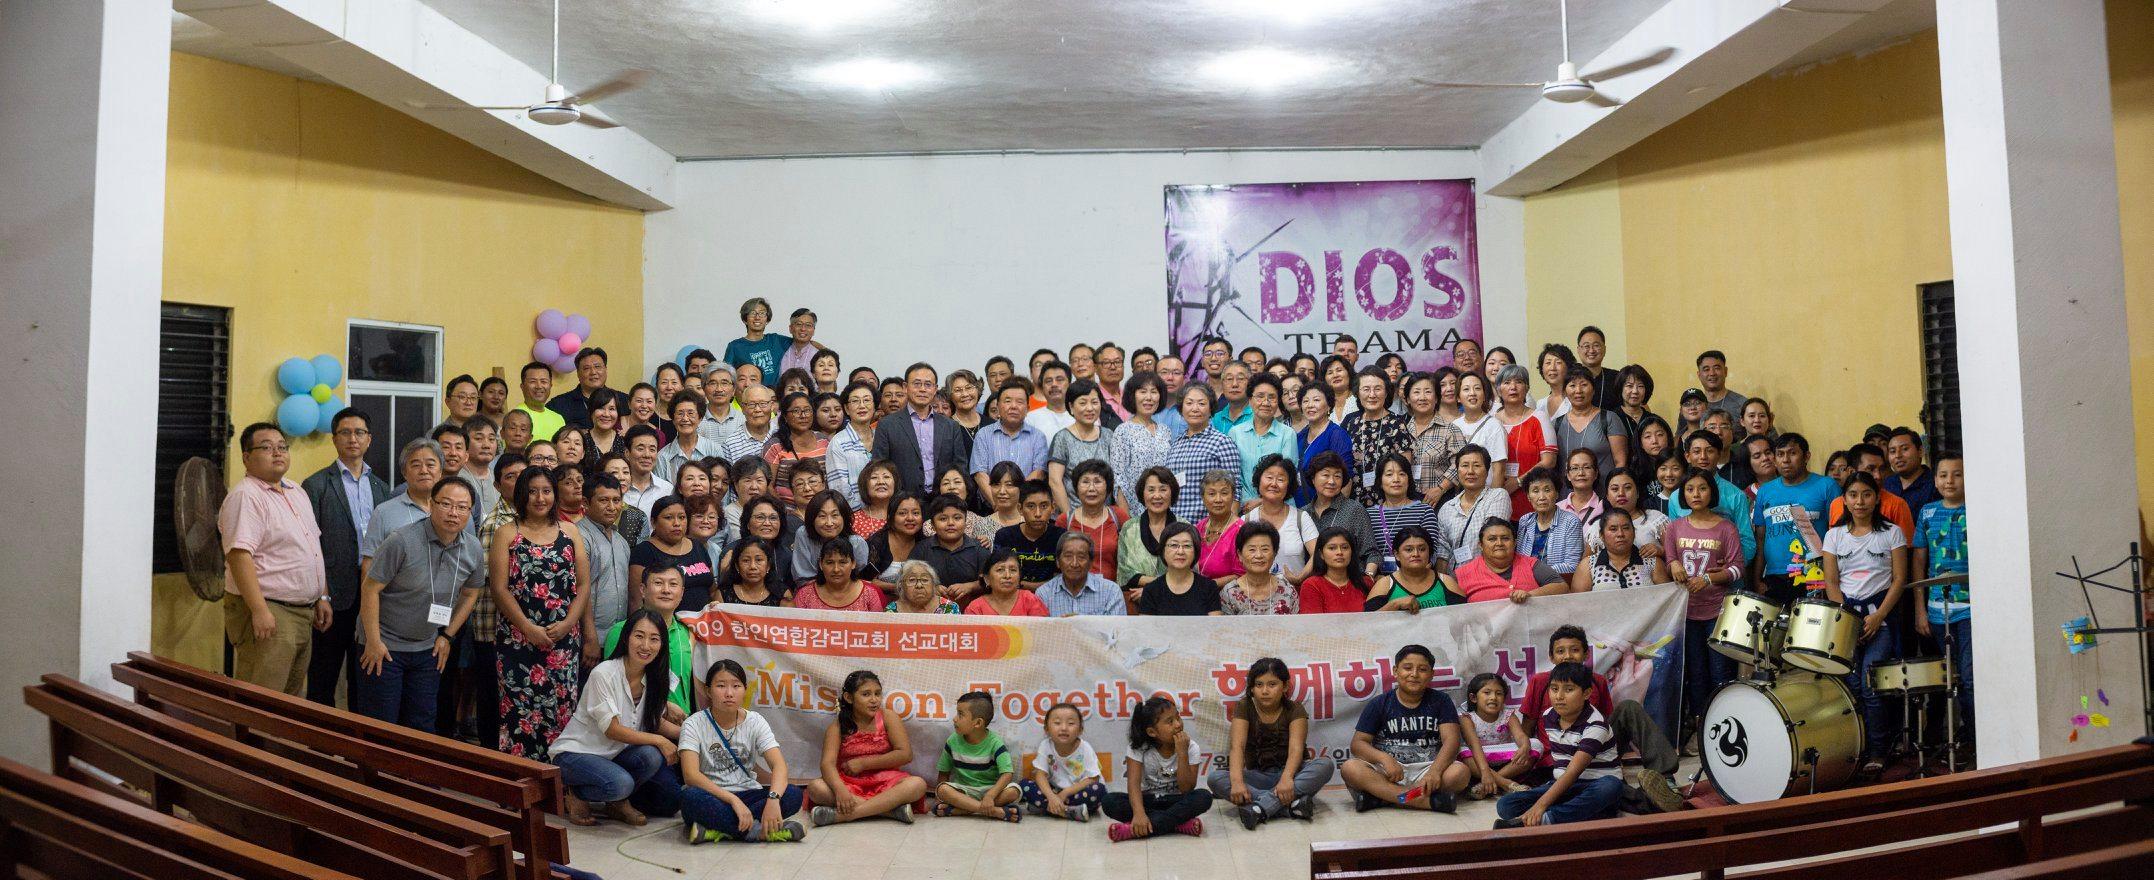 한인연합감리교회선교협의회에서 7월 22-26일에 주최한 멕시코 유카탄반도의 메리다지역 선교대회에 참가한 사람들. 사진제공 한인연합감리교회선교협의회.